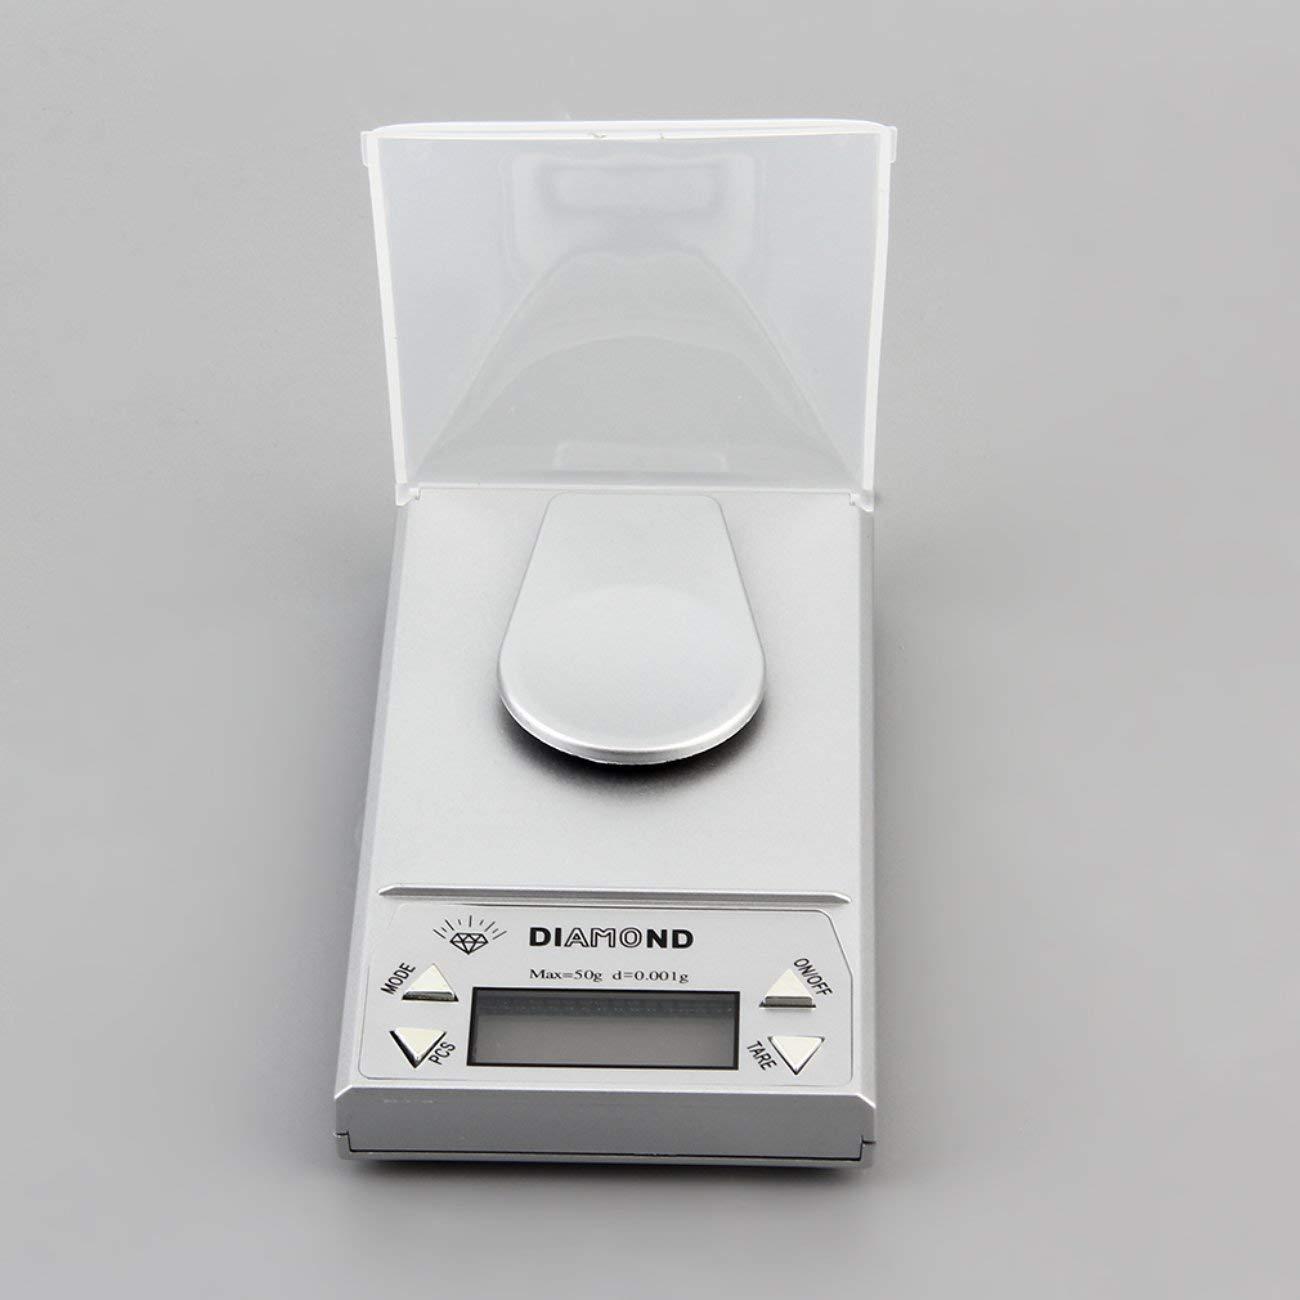 Gramo del peso de la balanza de la hierba del oro del laboratorio del oro del laboratorio de la escala de la joyería de 10/20 / 50G 0.001g LCD: Amazon.es: ...